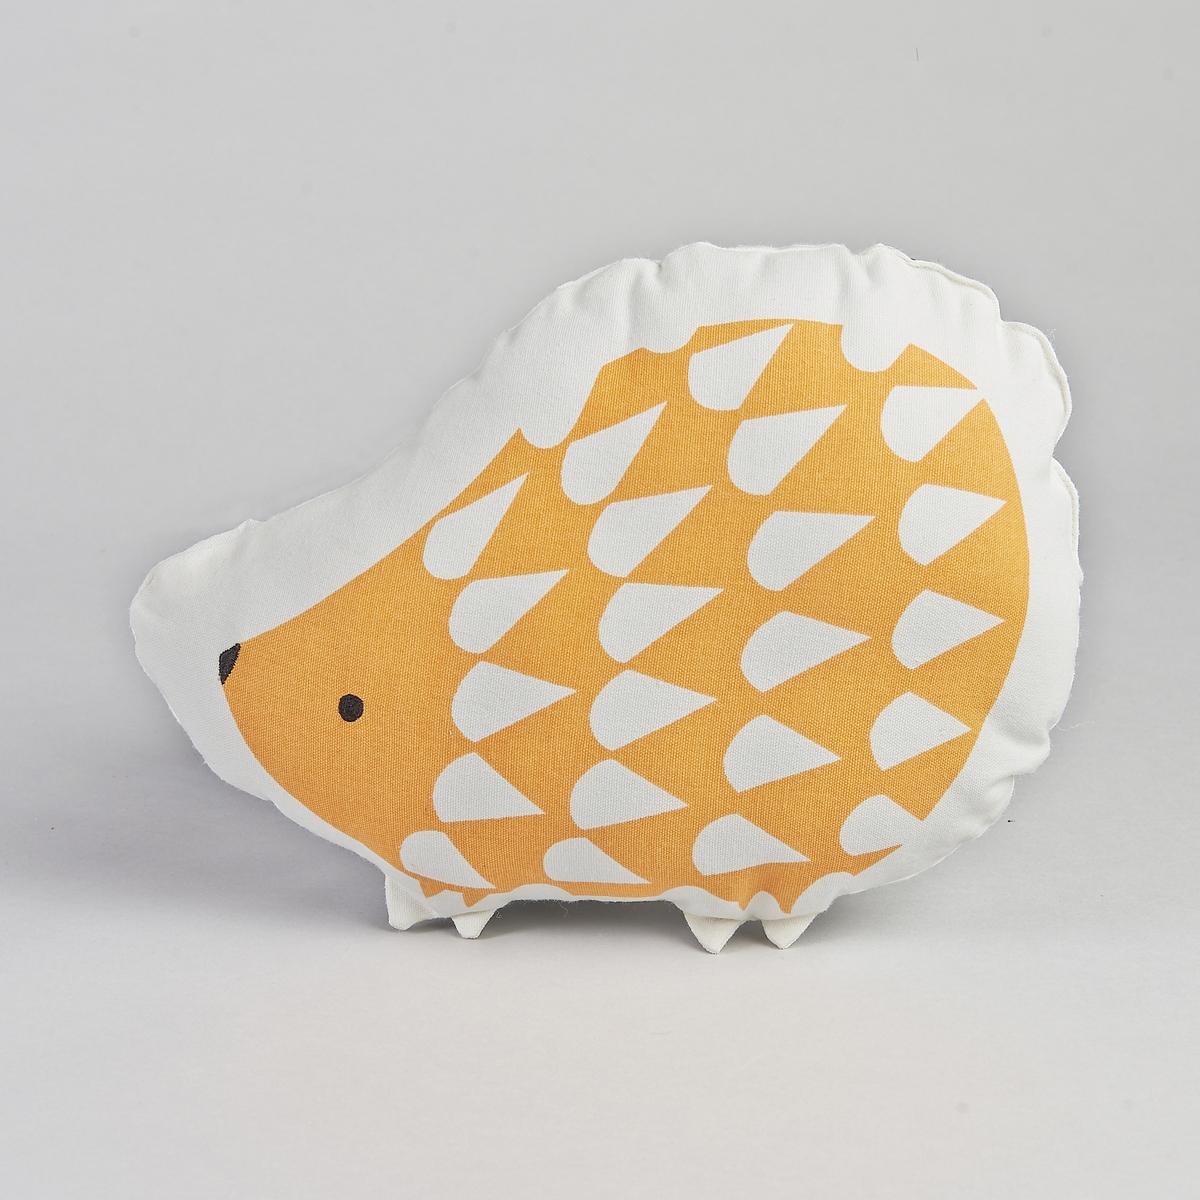 Подушка KirpiКрасивая подушка в виде ежика. Описание :- Чехол 100% хлопка. - Наполнитель из 100% полиэстера. Размер :- 20 x 40 см.<br><br>Цвет: оранжевый